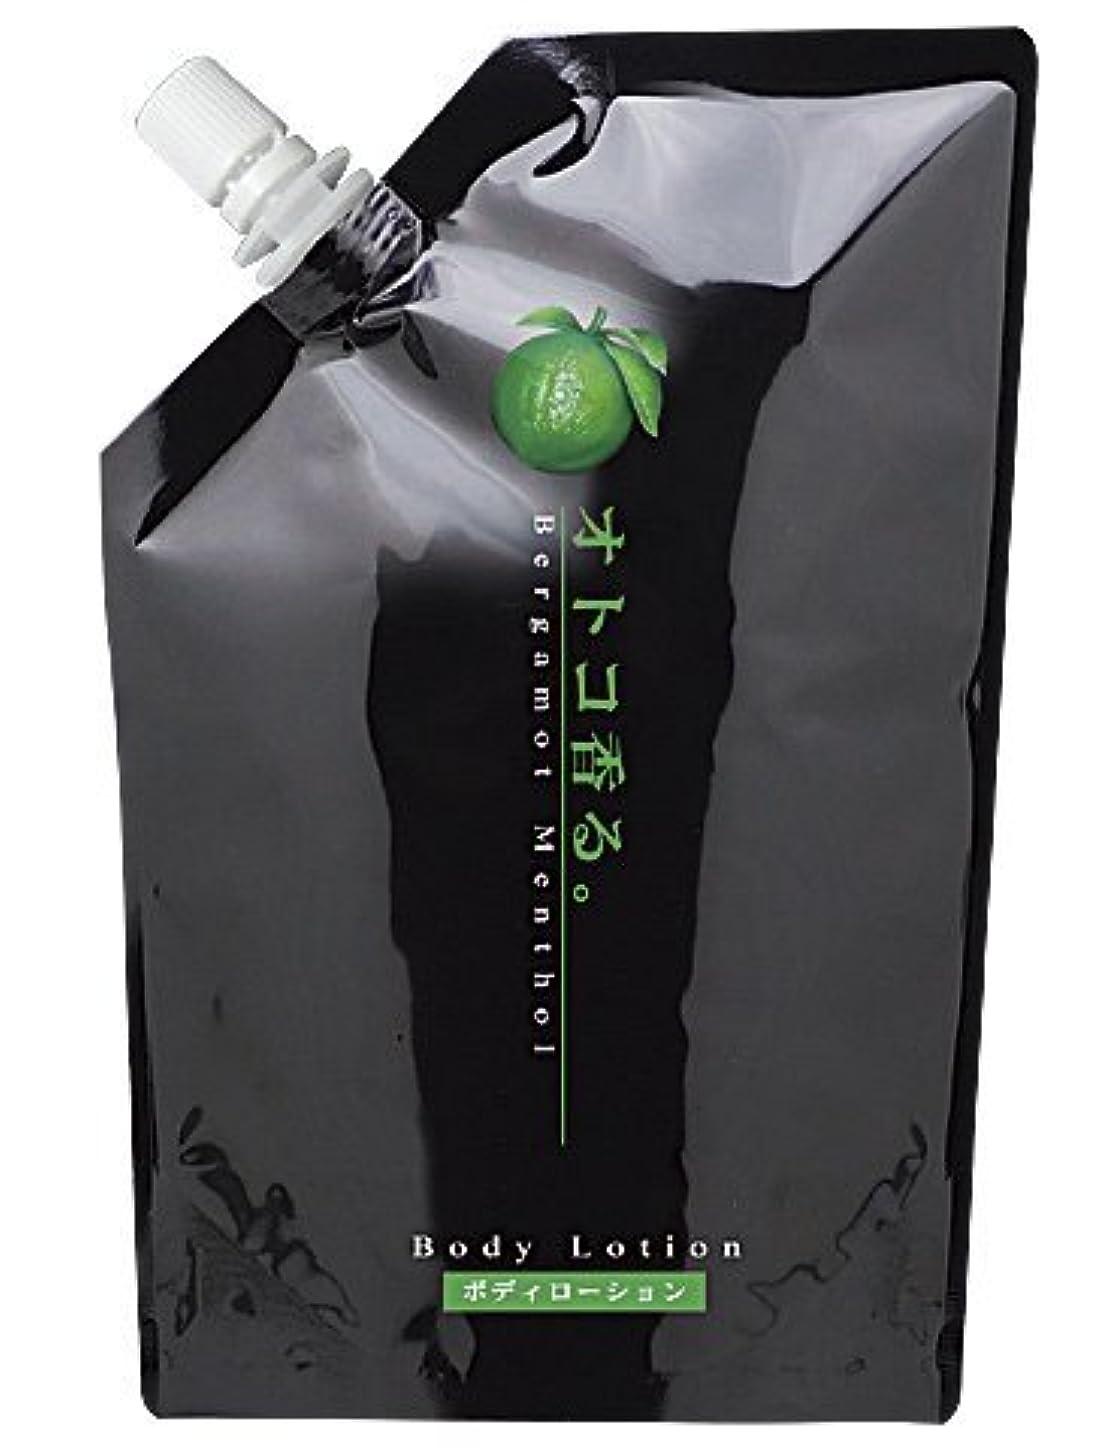 kracie(クラシエ) オトコ香る ボディローション ベルガモットの香り 微香性 業務用 家庭様向け 500ml 補充サイズ